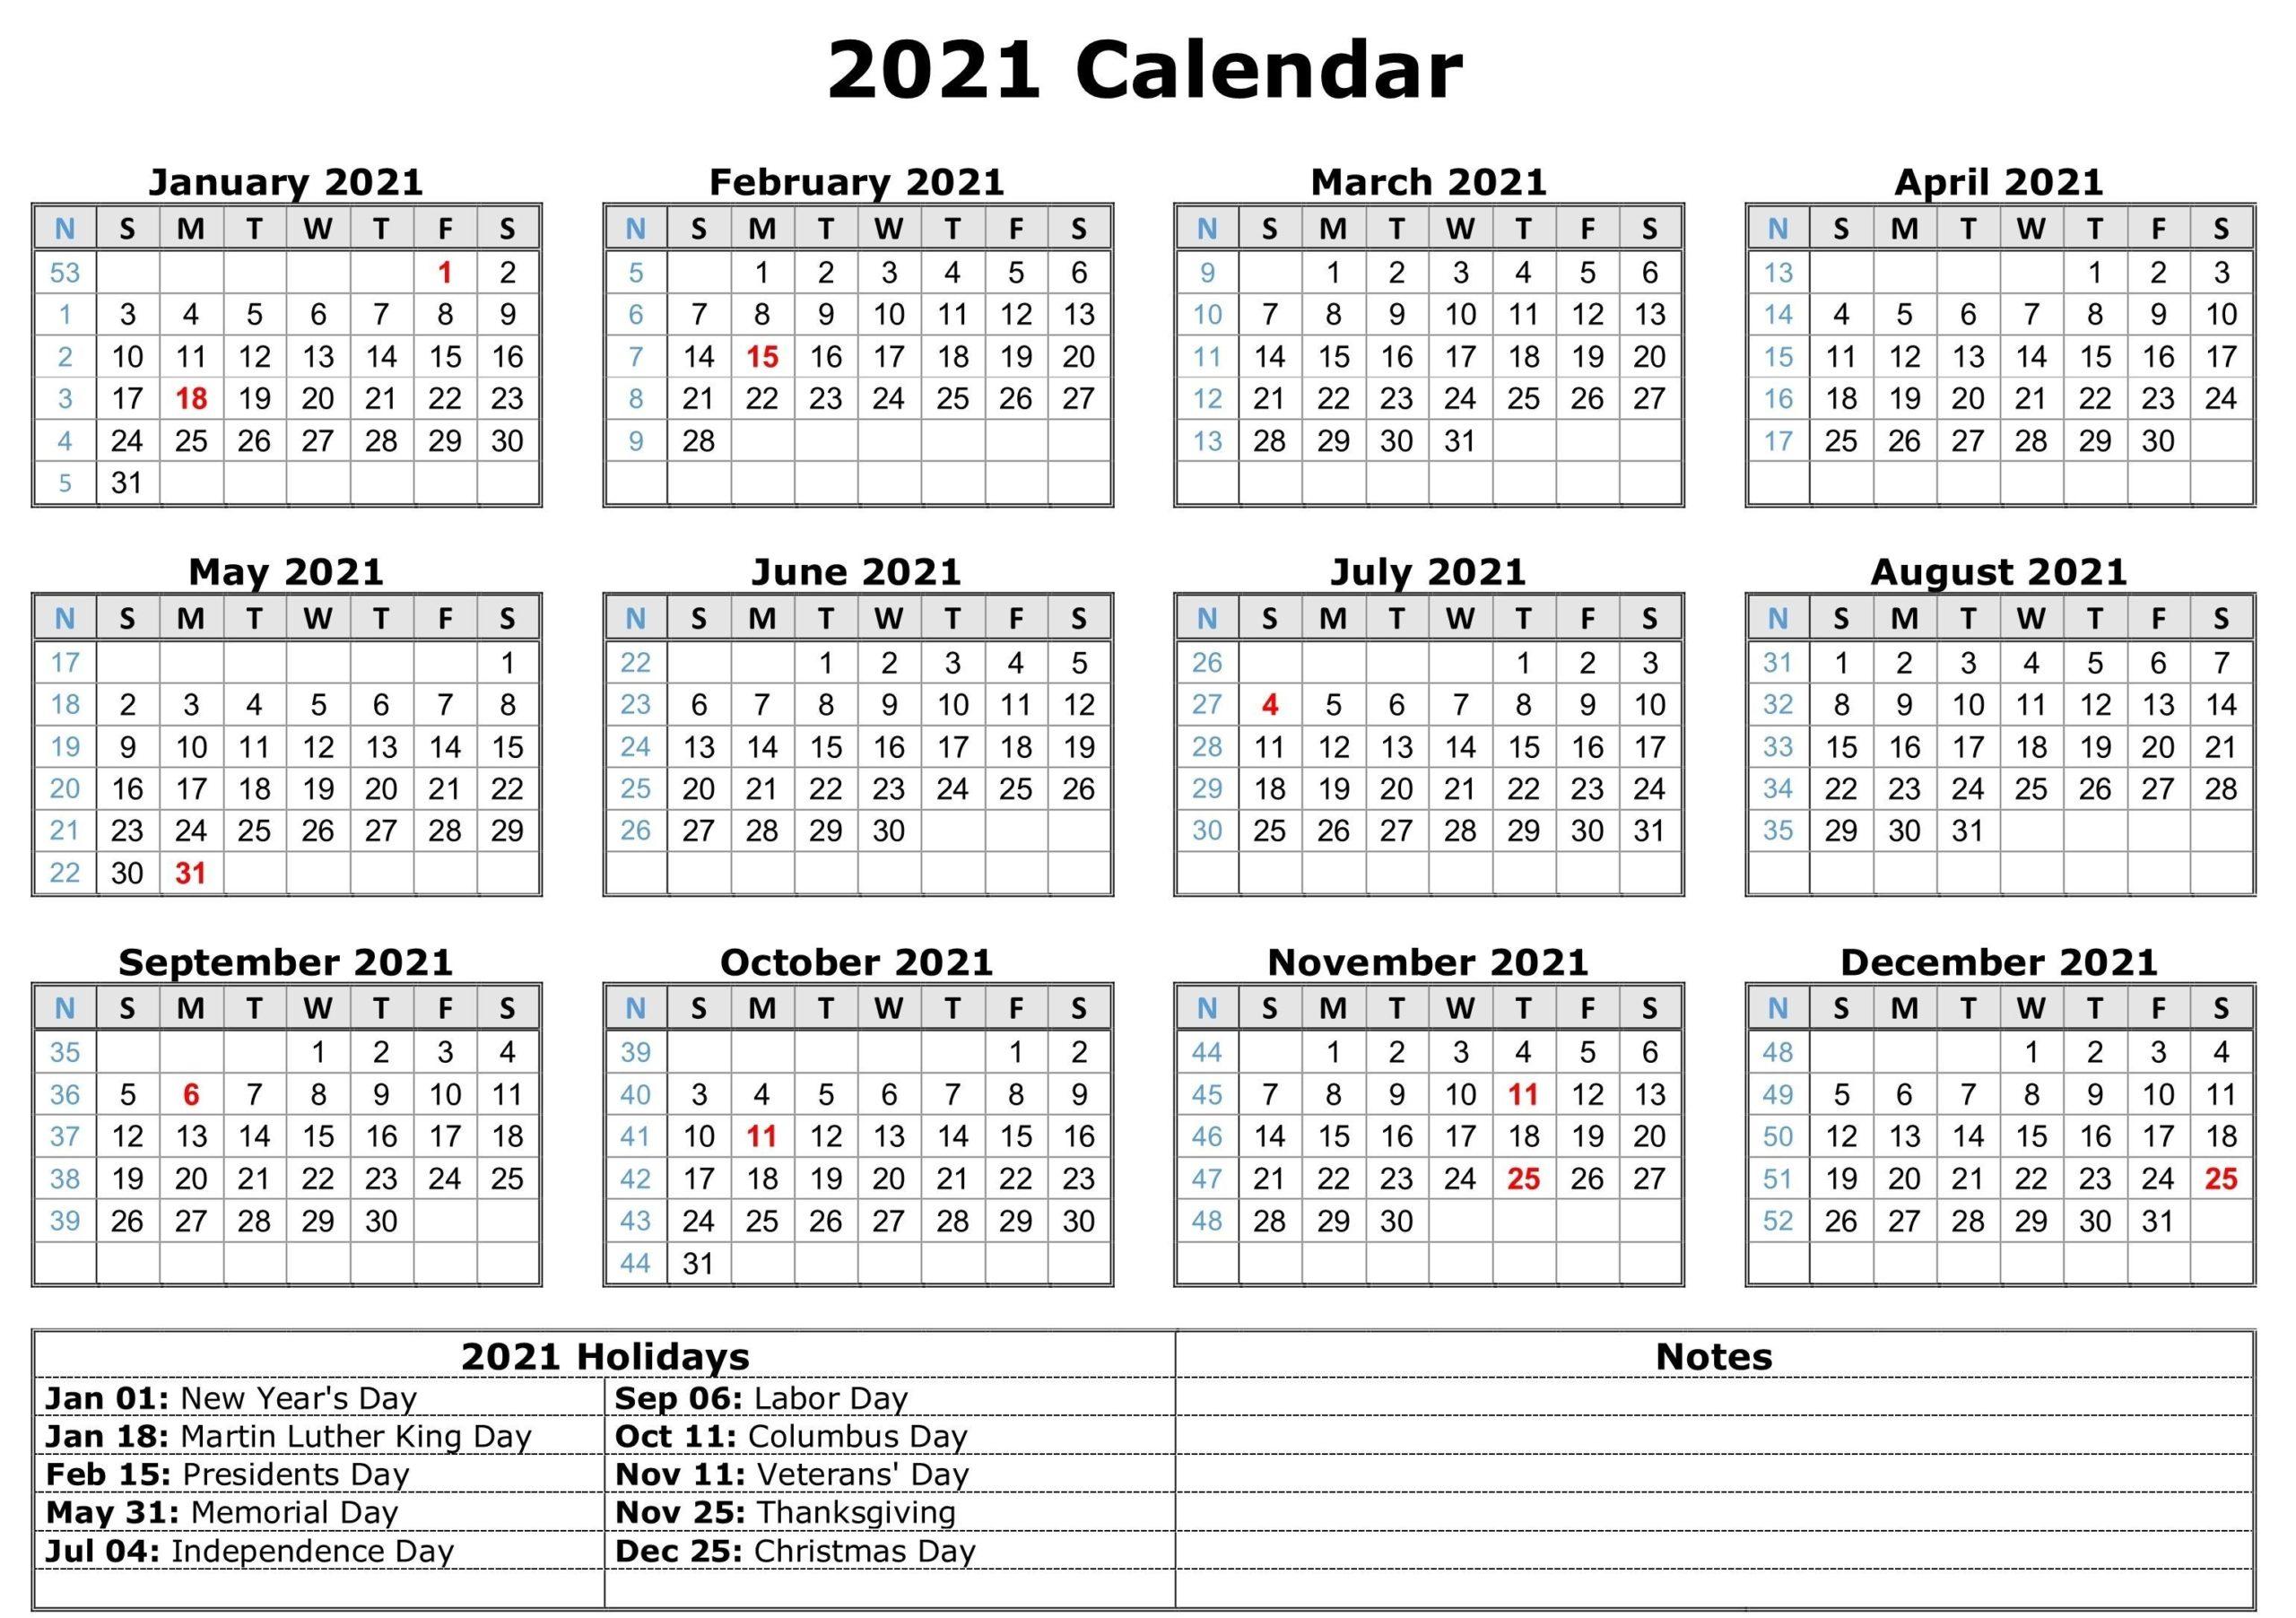 Blank 2021 Calendar Printable | Calendar 2021 intended for Blank 2021 Calendar Printable Free